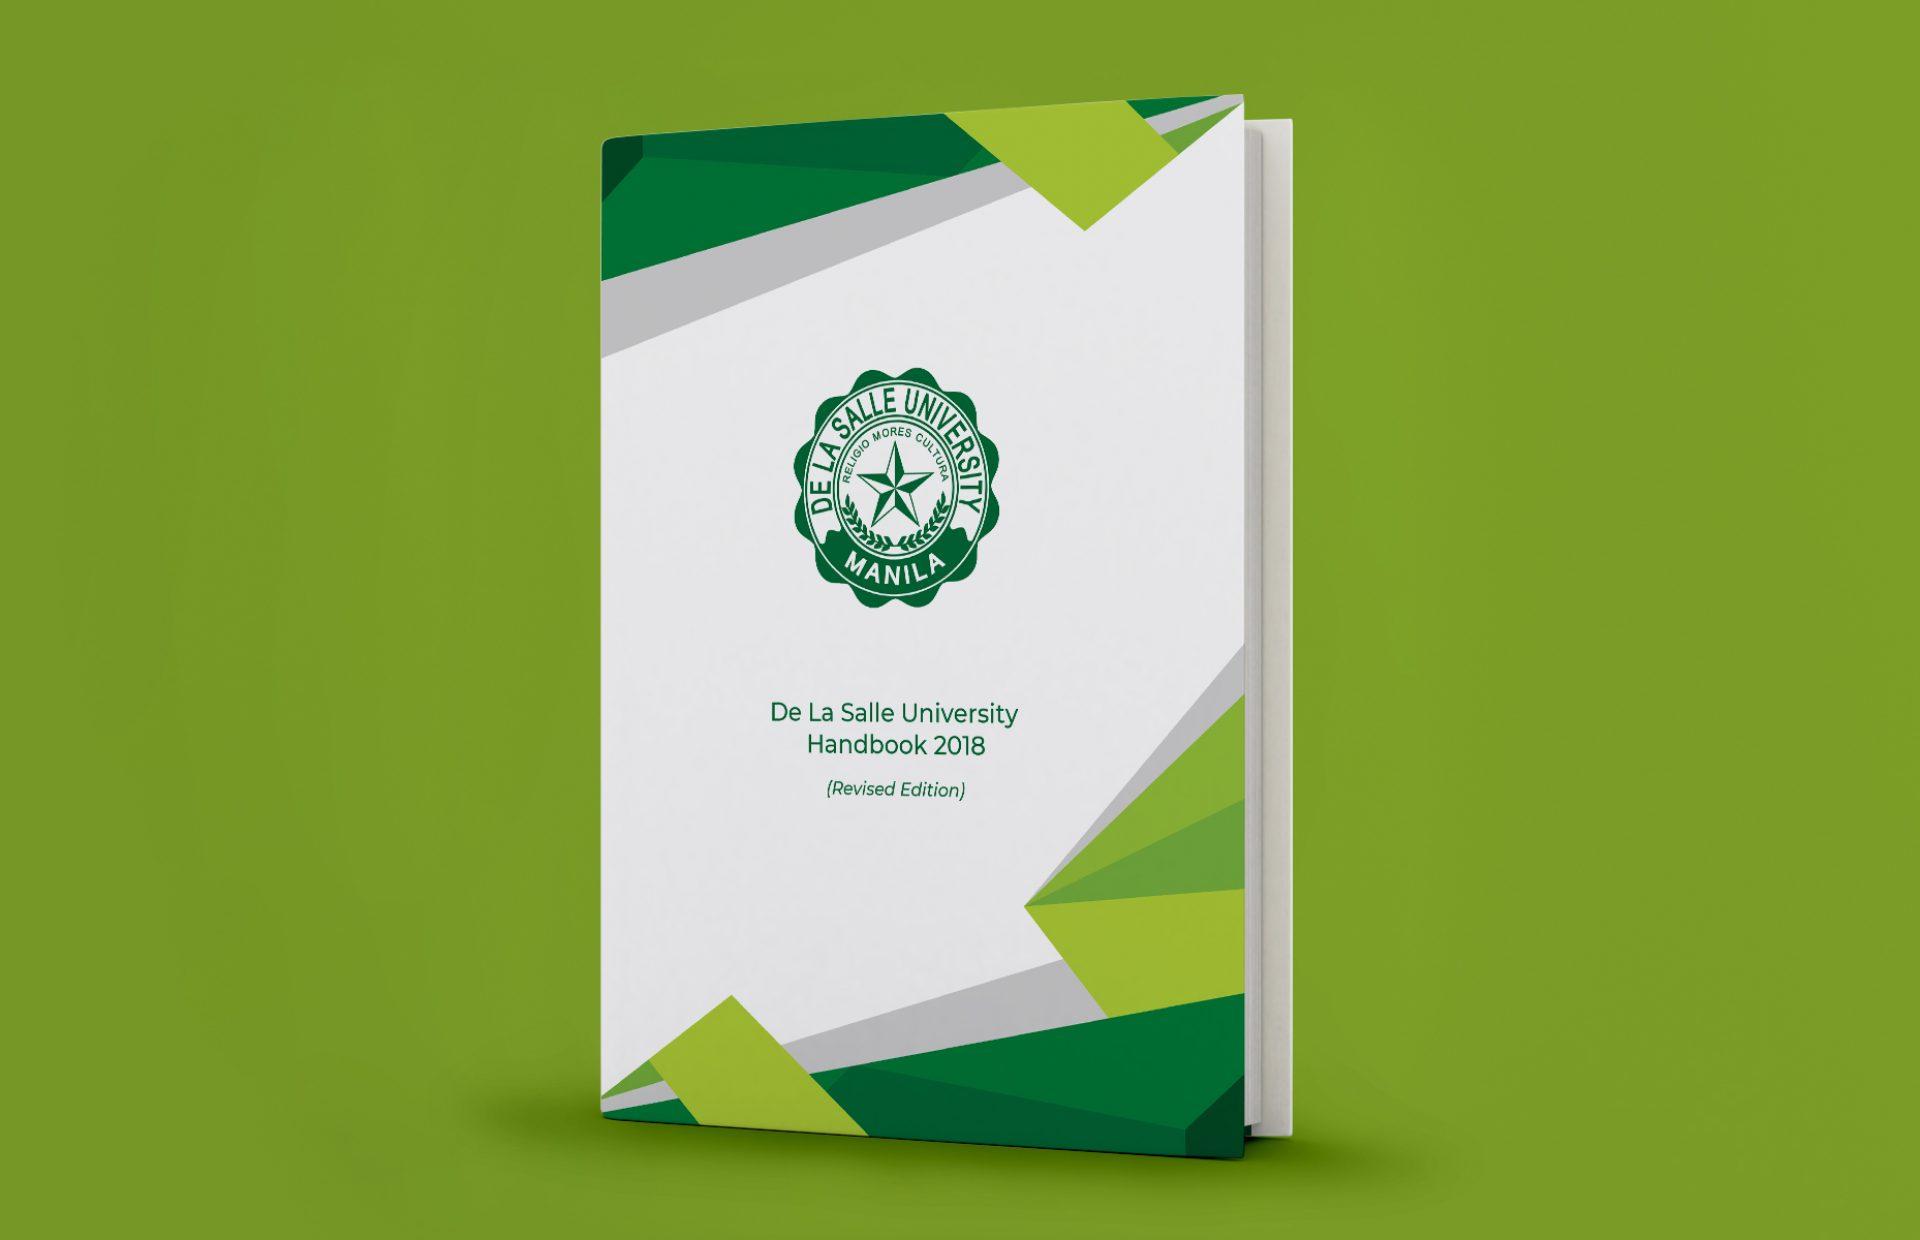 De La Salle University Handbook 2018 (Perspective)